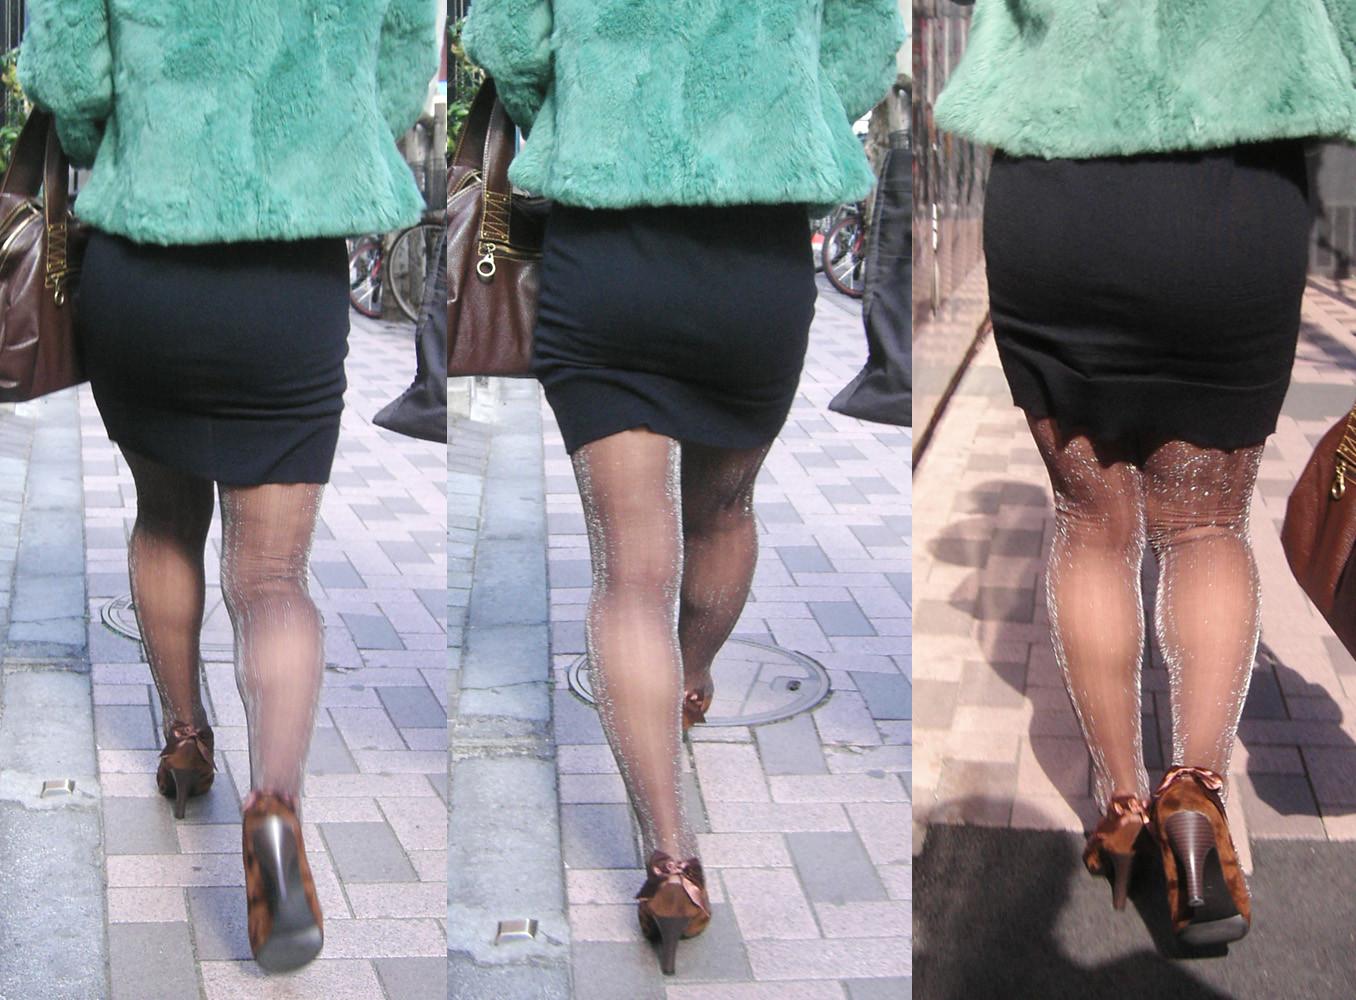 【着尻エロ画像】たまにキツそうに履く人もw巨尻を際立たせる大人のタイトwww 23